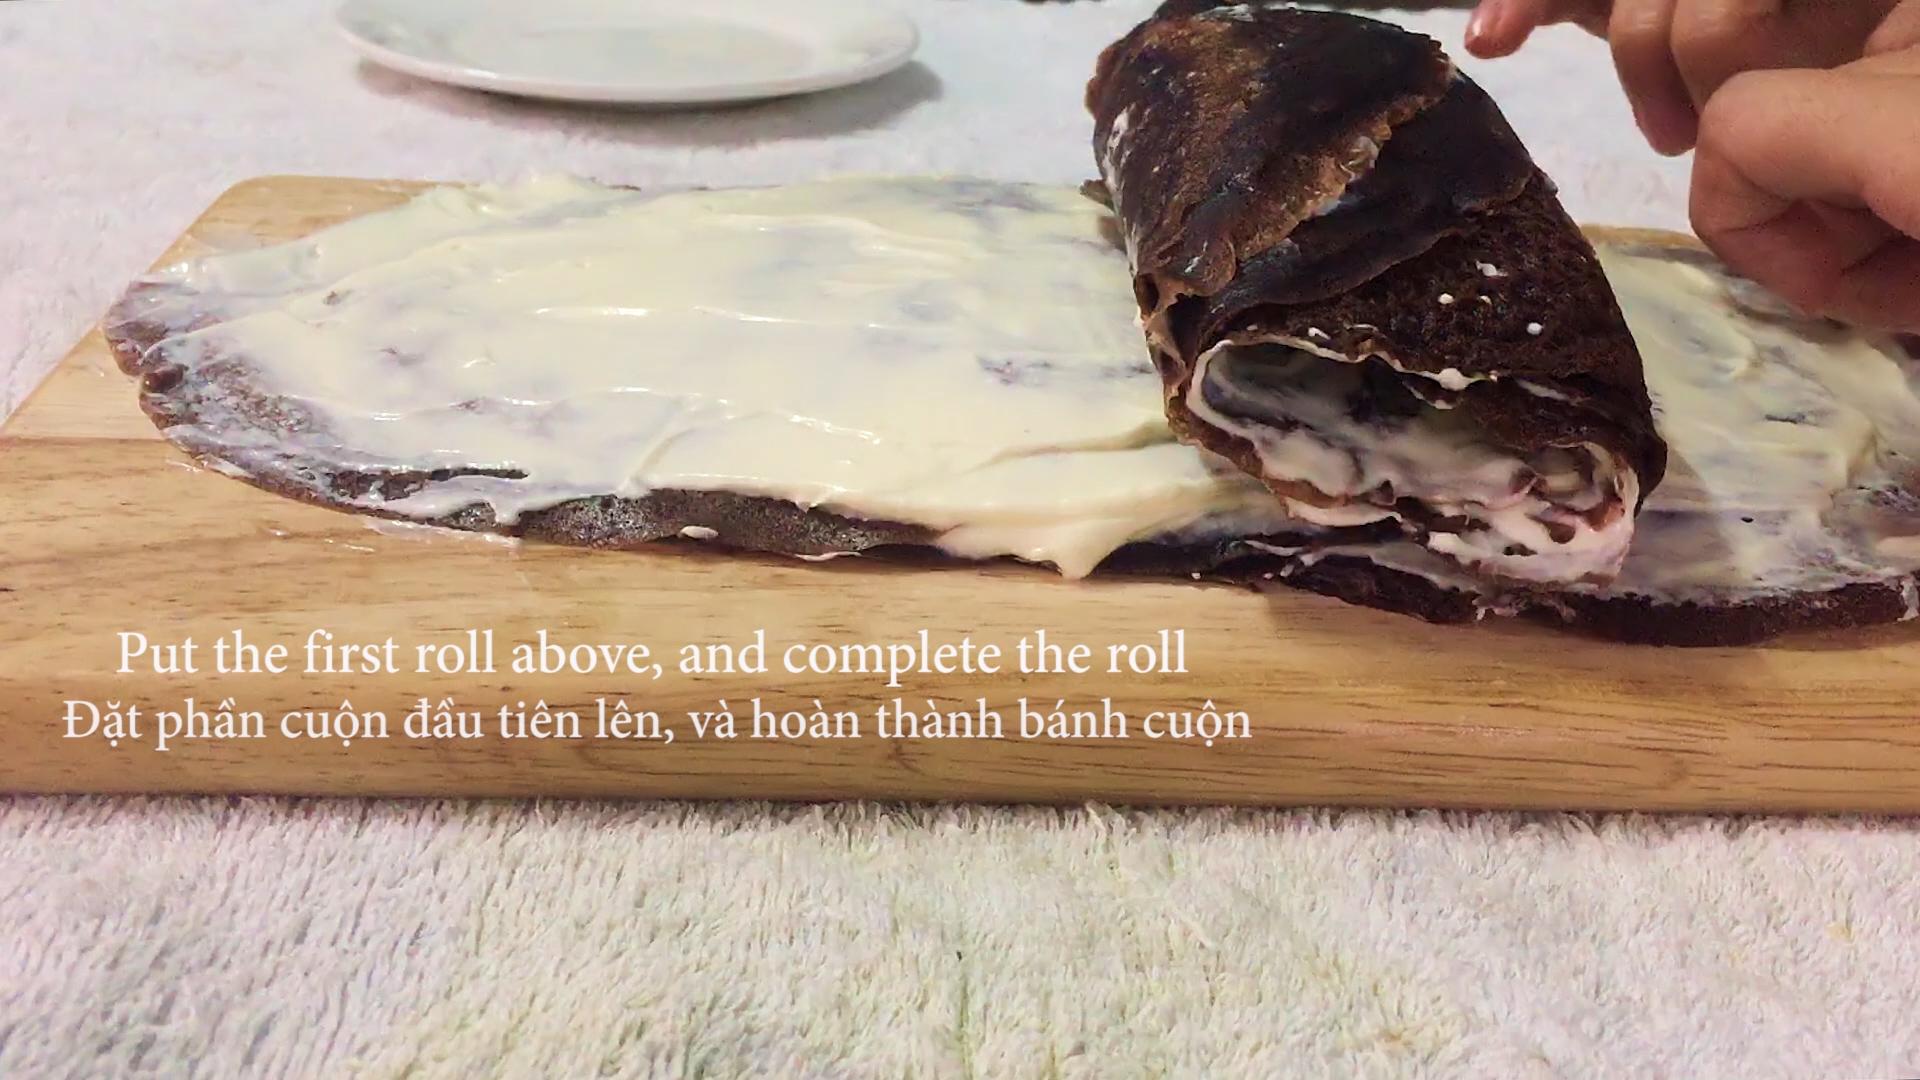 cách làm bánh crepe socola 6 cách làm bánh crepe socola Cách làm bánh Crepe Socola ngàn lớp cuộn kem ngon mãn nhãn cach lam banh Crepe Socola 6